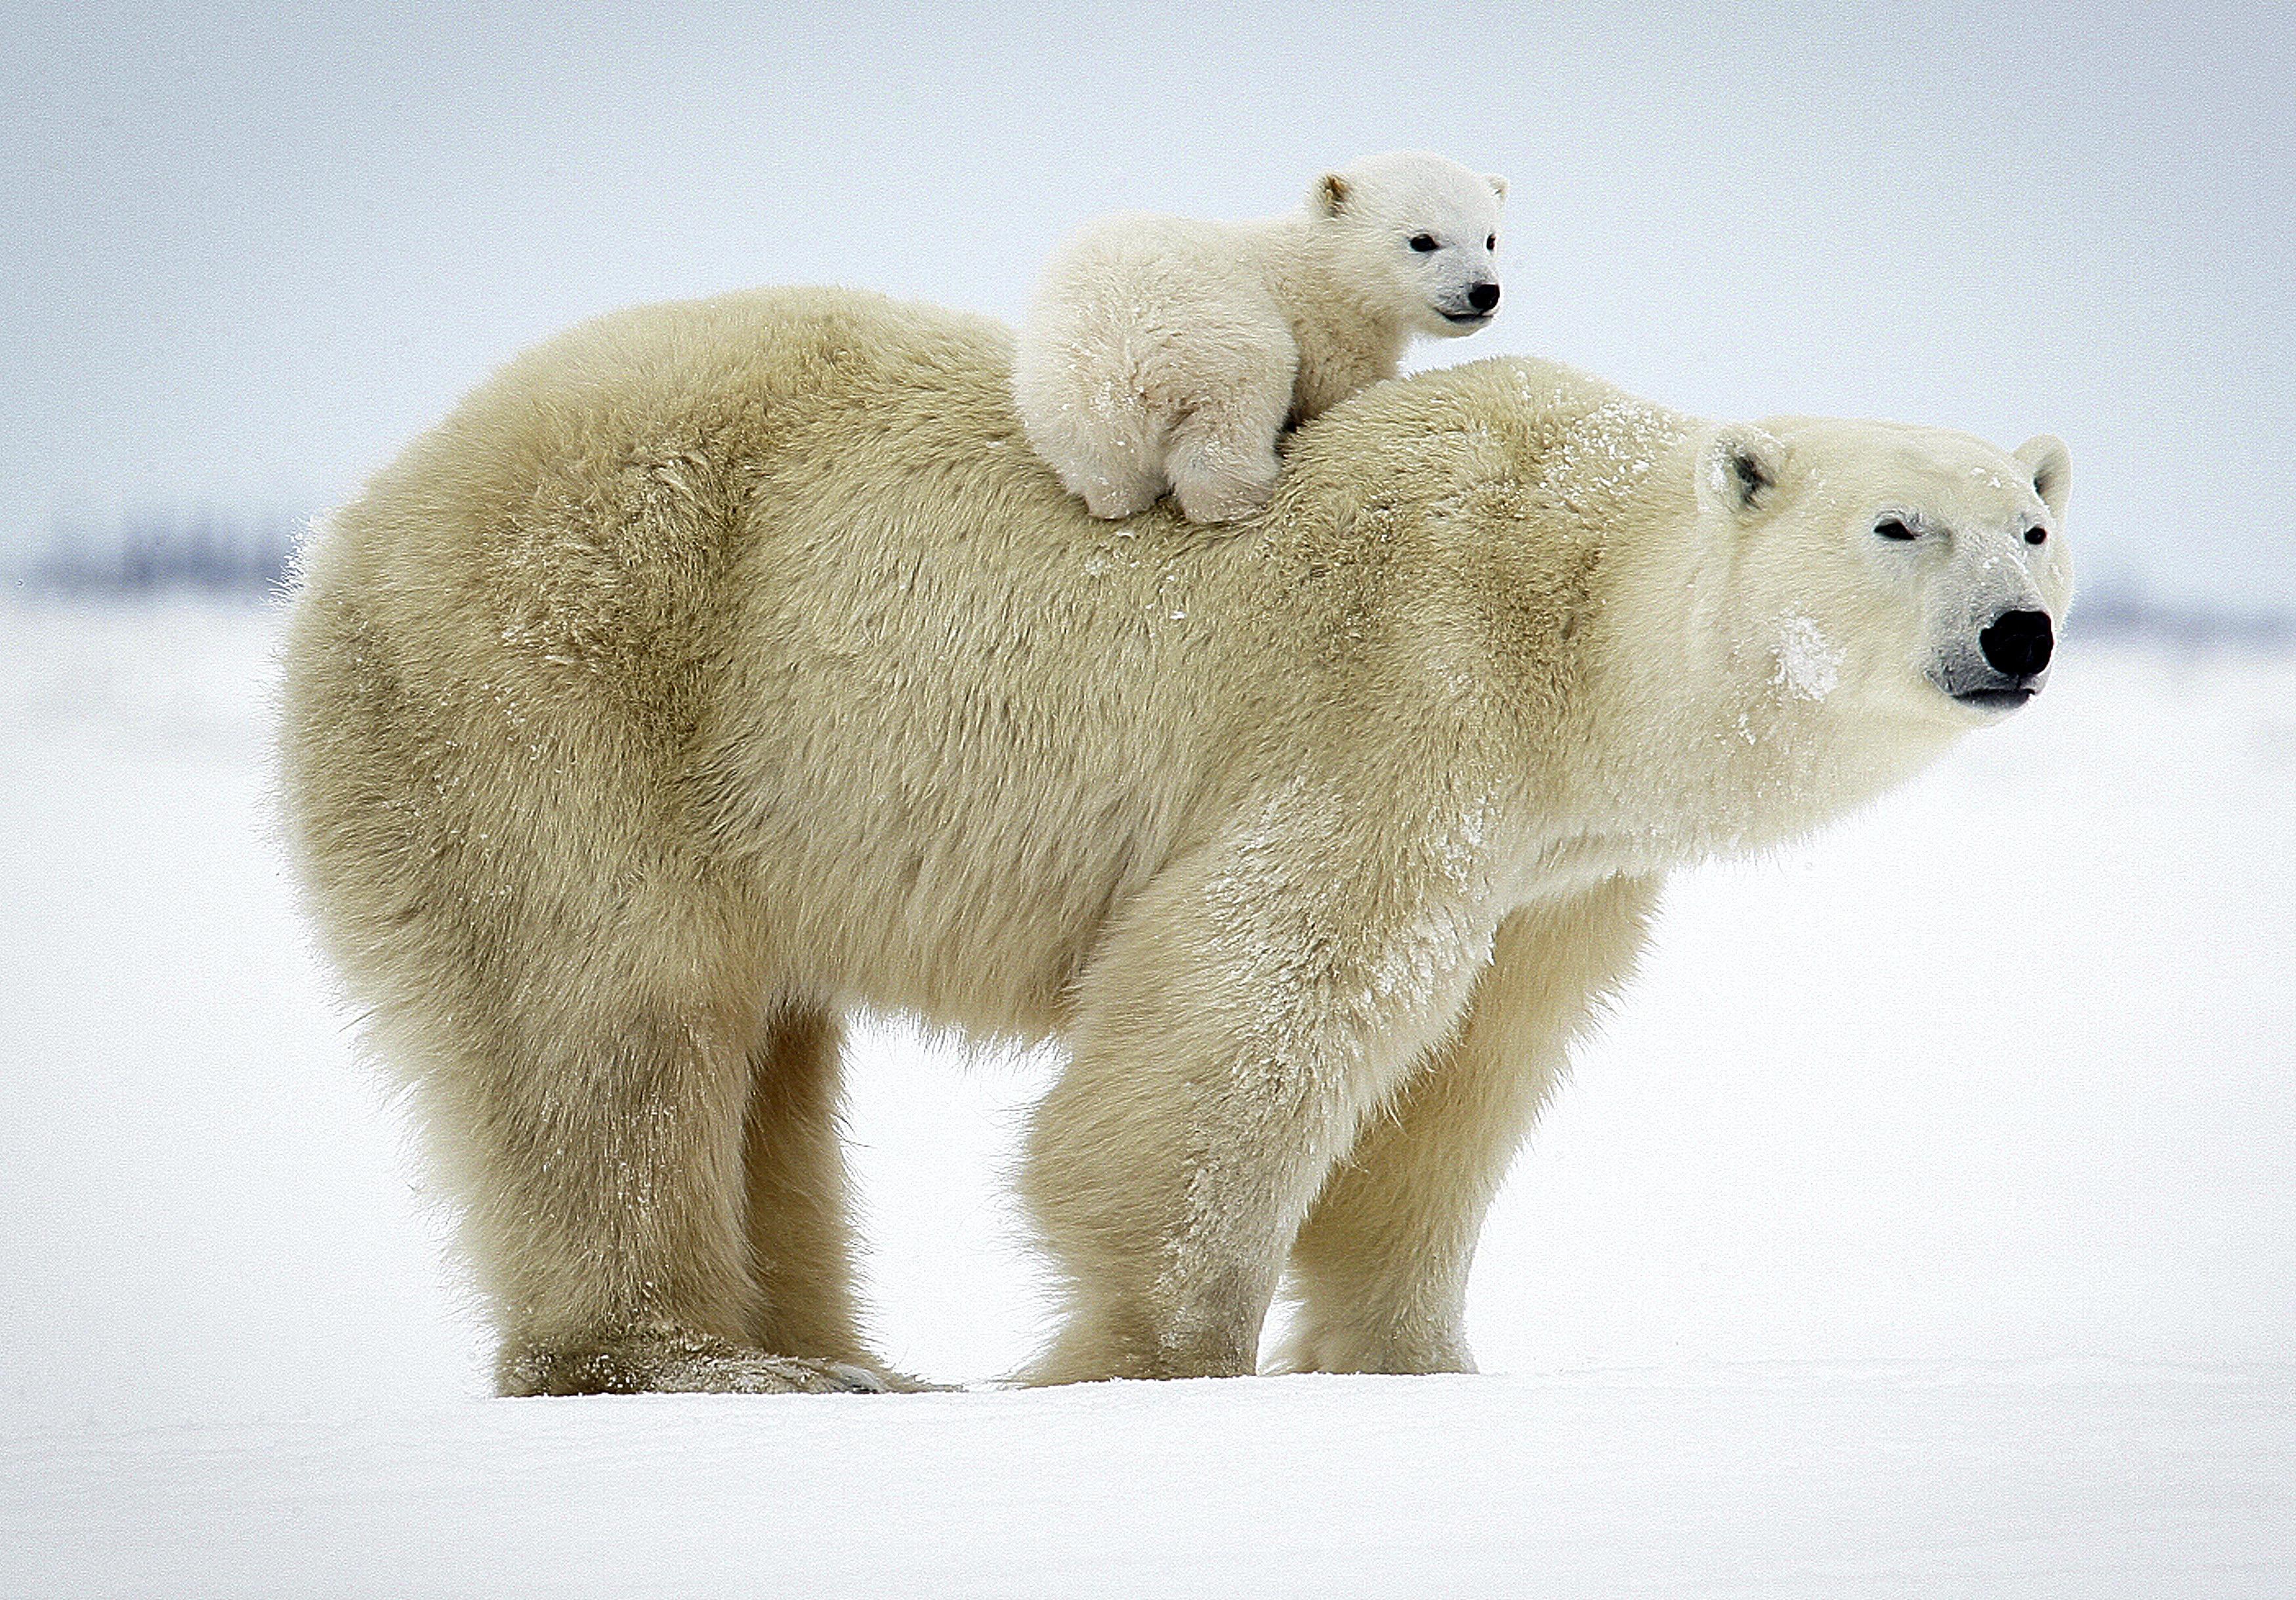 этот фото белой медведицы с медвежонком чего